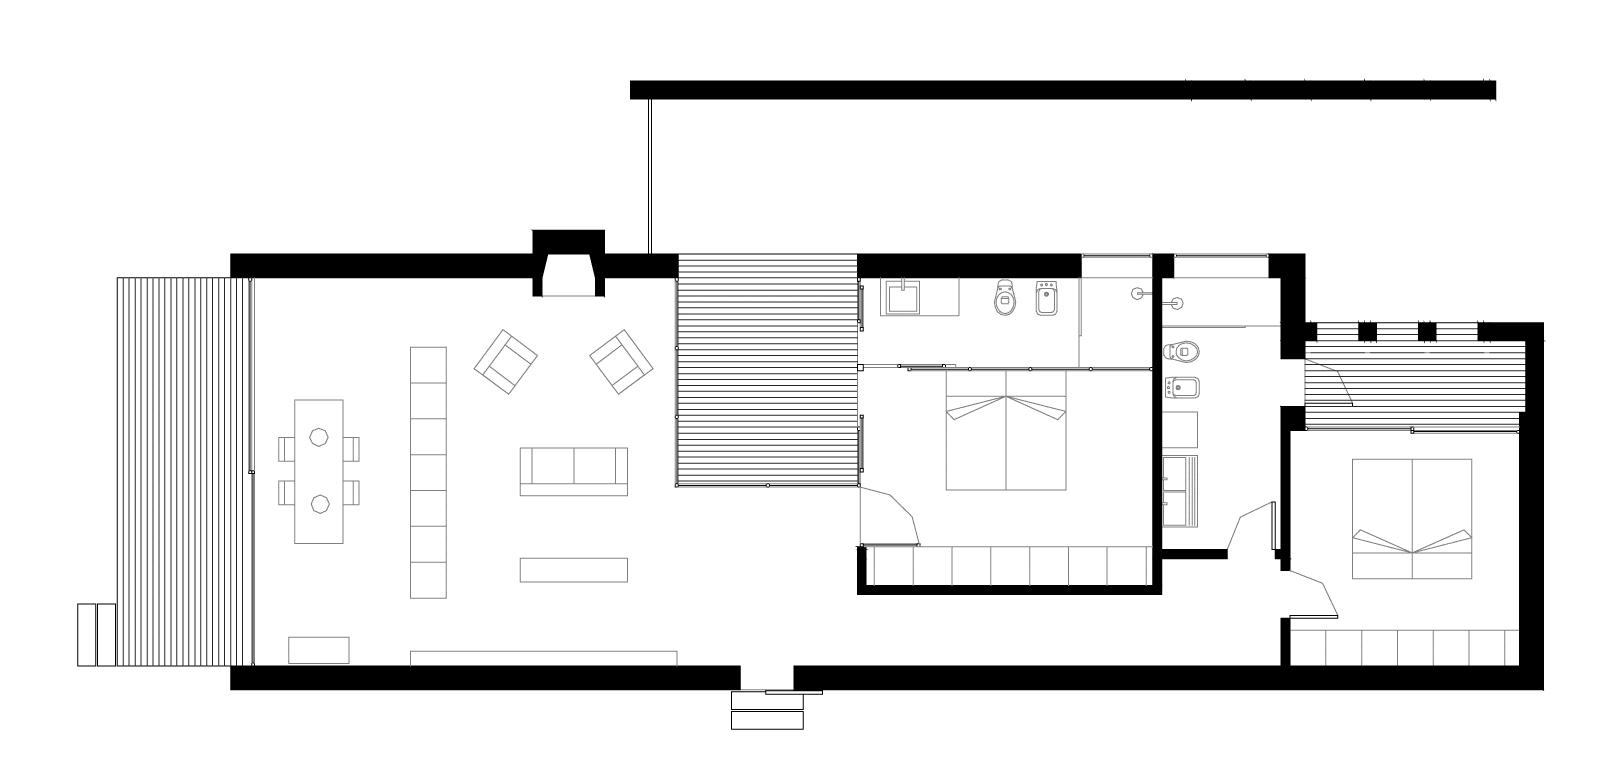 Planos de casa peque a de un piso con cerco perim trico alto for Planos para casas